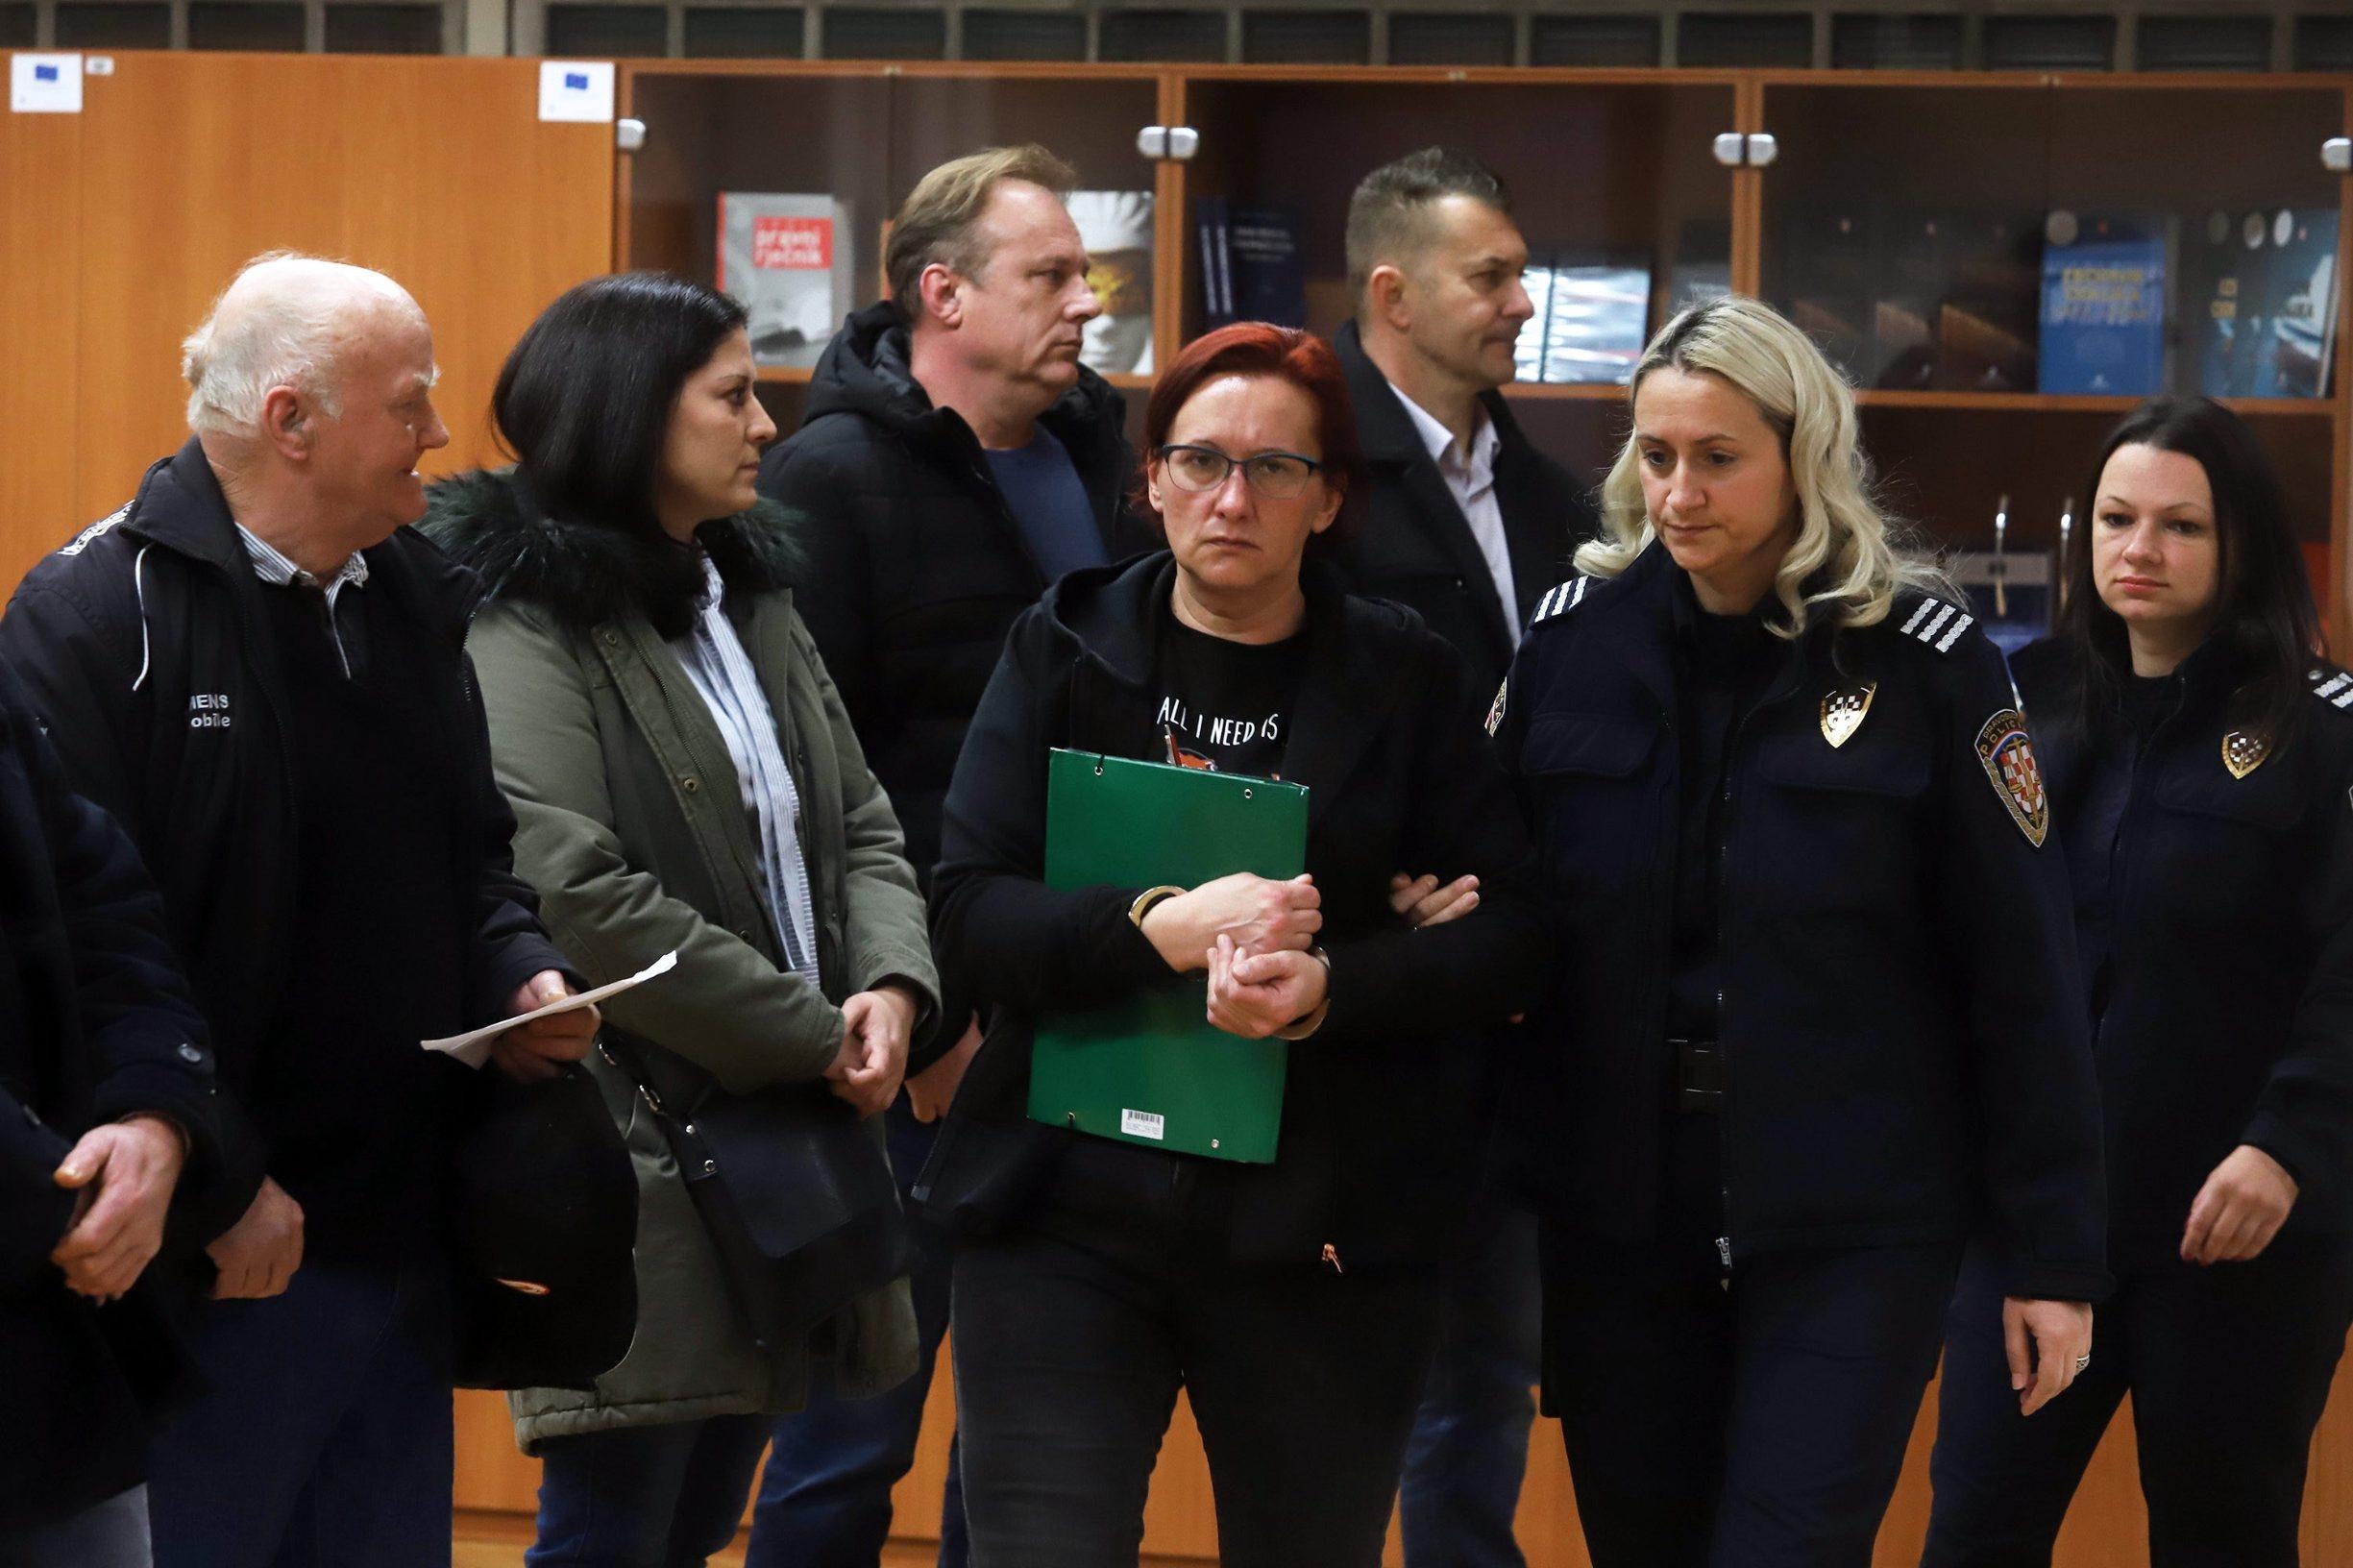 Varazdin, 051219. Na Zupanijskom sudu u Varazdinu nastavljeno je sudjenje Smiljani Srnec za ubojstvo sestre Jasmine Dominic. Na fotografiji: Smiljana Srnec u sudnici. Foto: Zeljko Hajdinjak / CROPIX